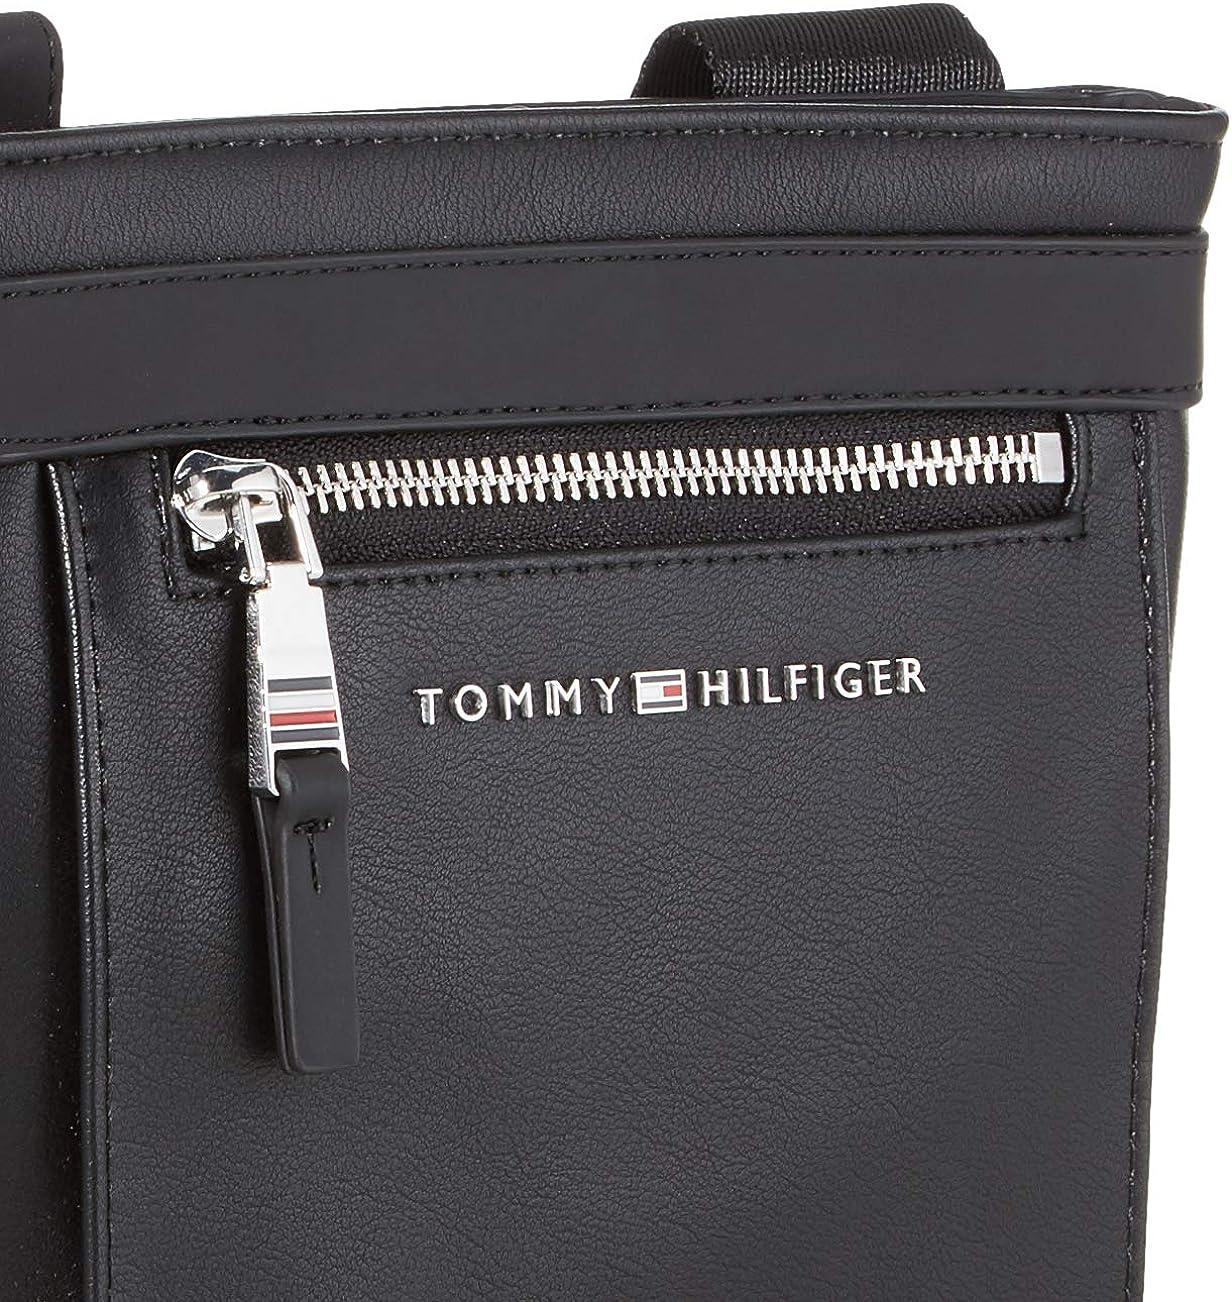 Nero Tommy Hilfiger Th Metro Mini Crossover Black Borse a spalla Uomo